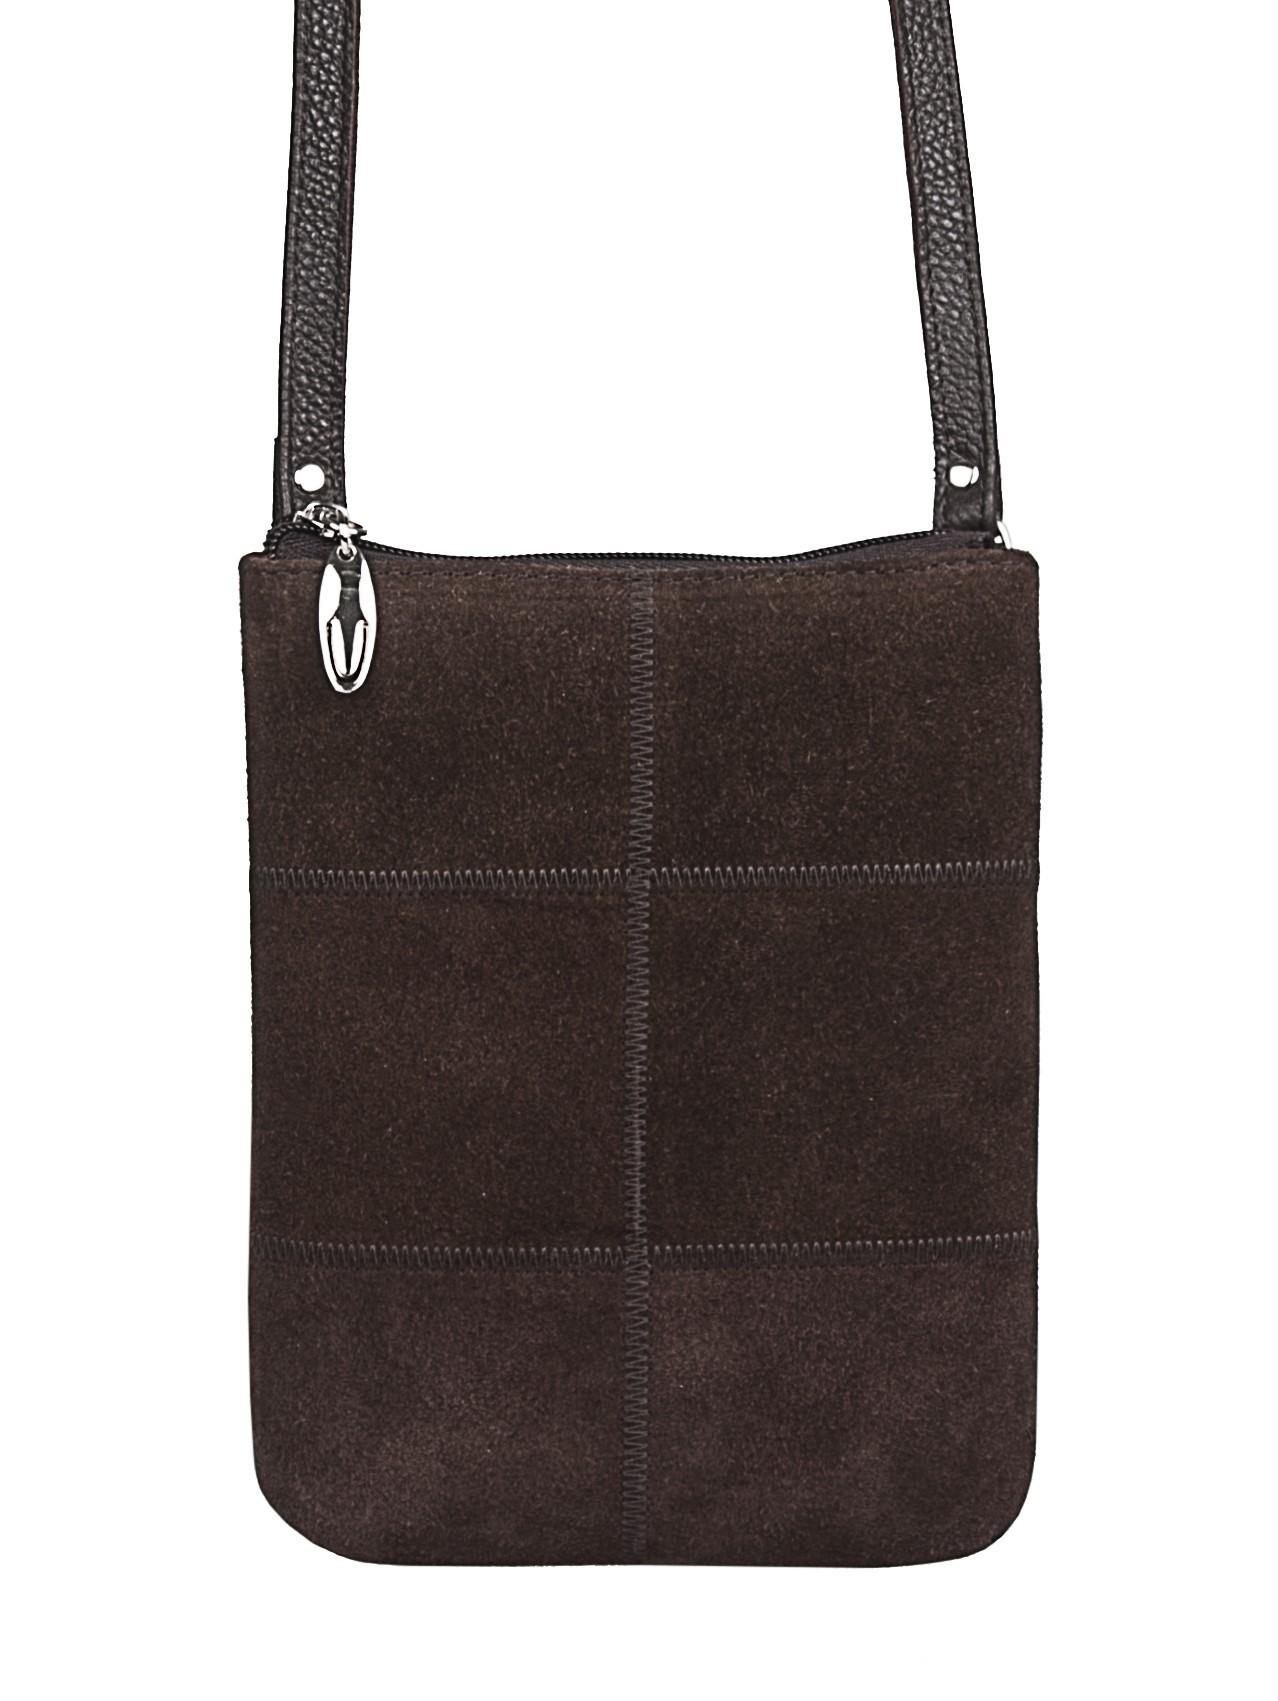 e7127cebc428 Женская сумка Альянс 1-4109к замша кор купить недорого